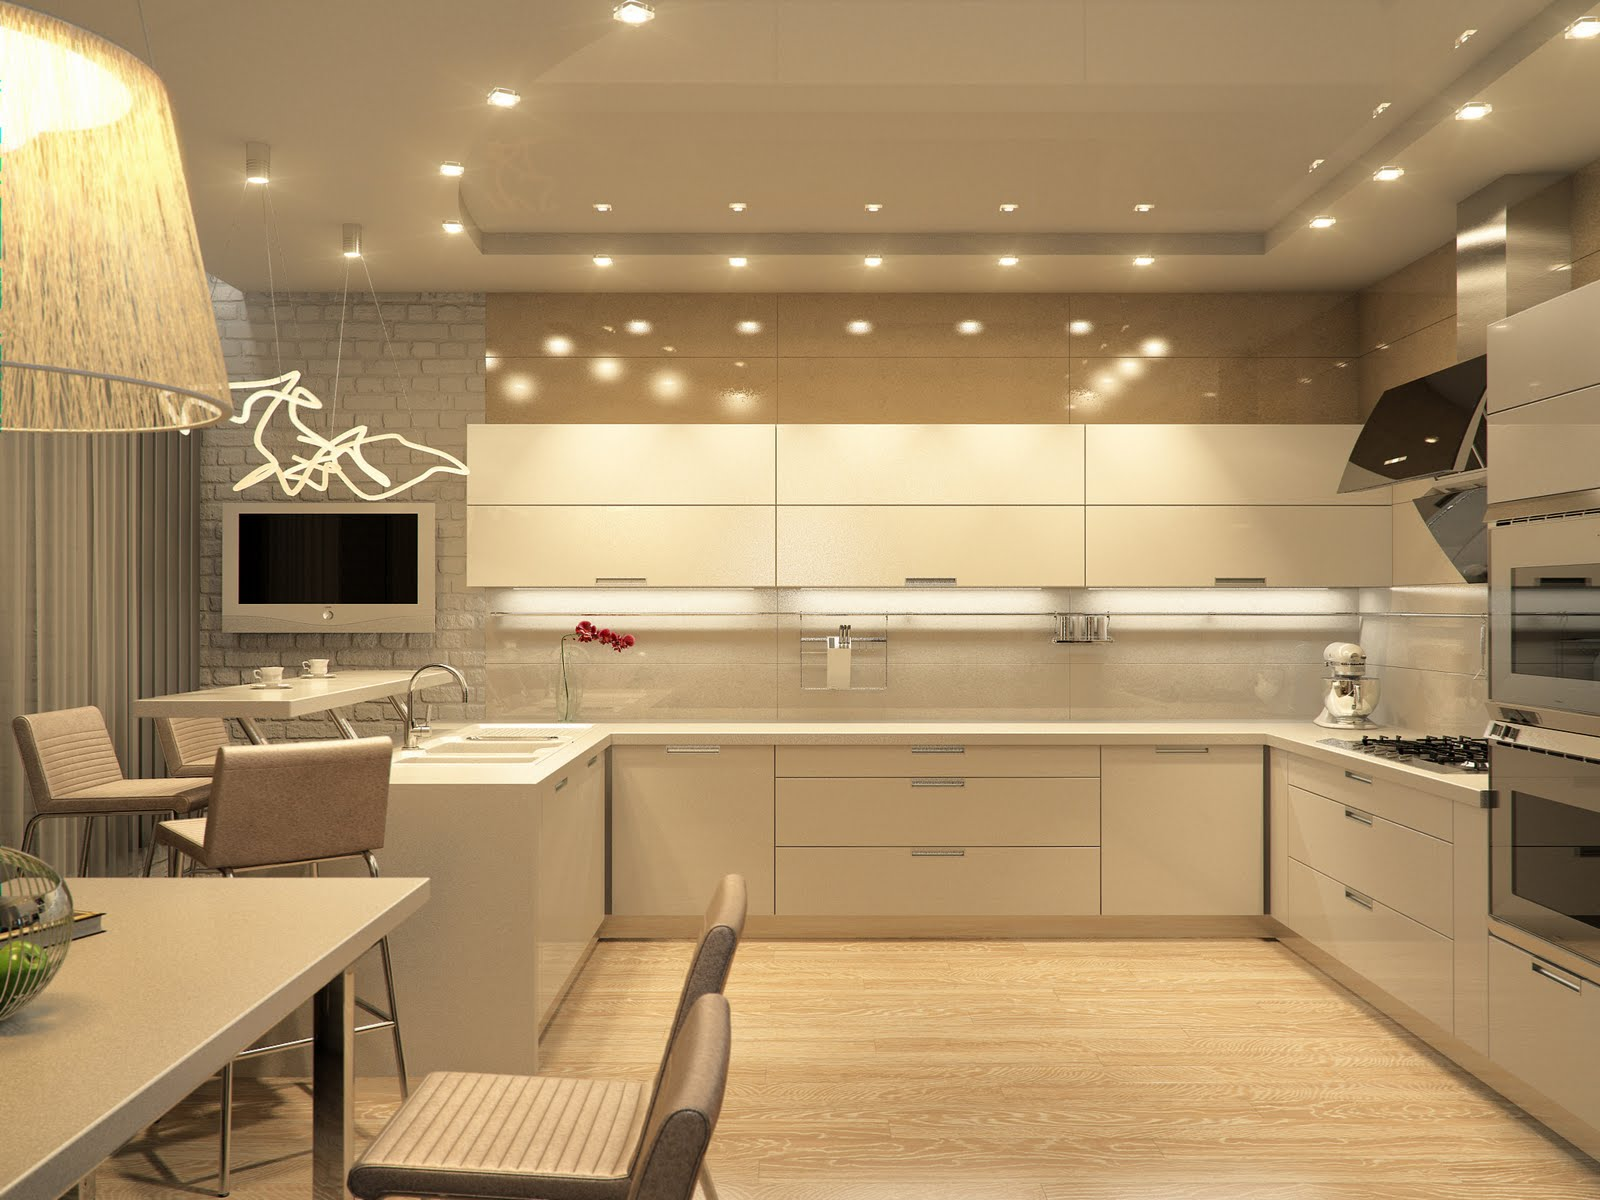 Кухня в теплых тонах  № 889846 бесплатно